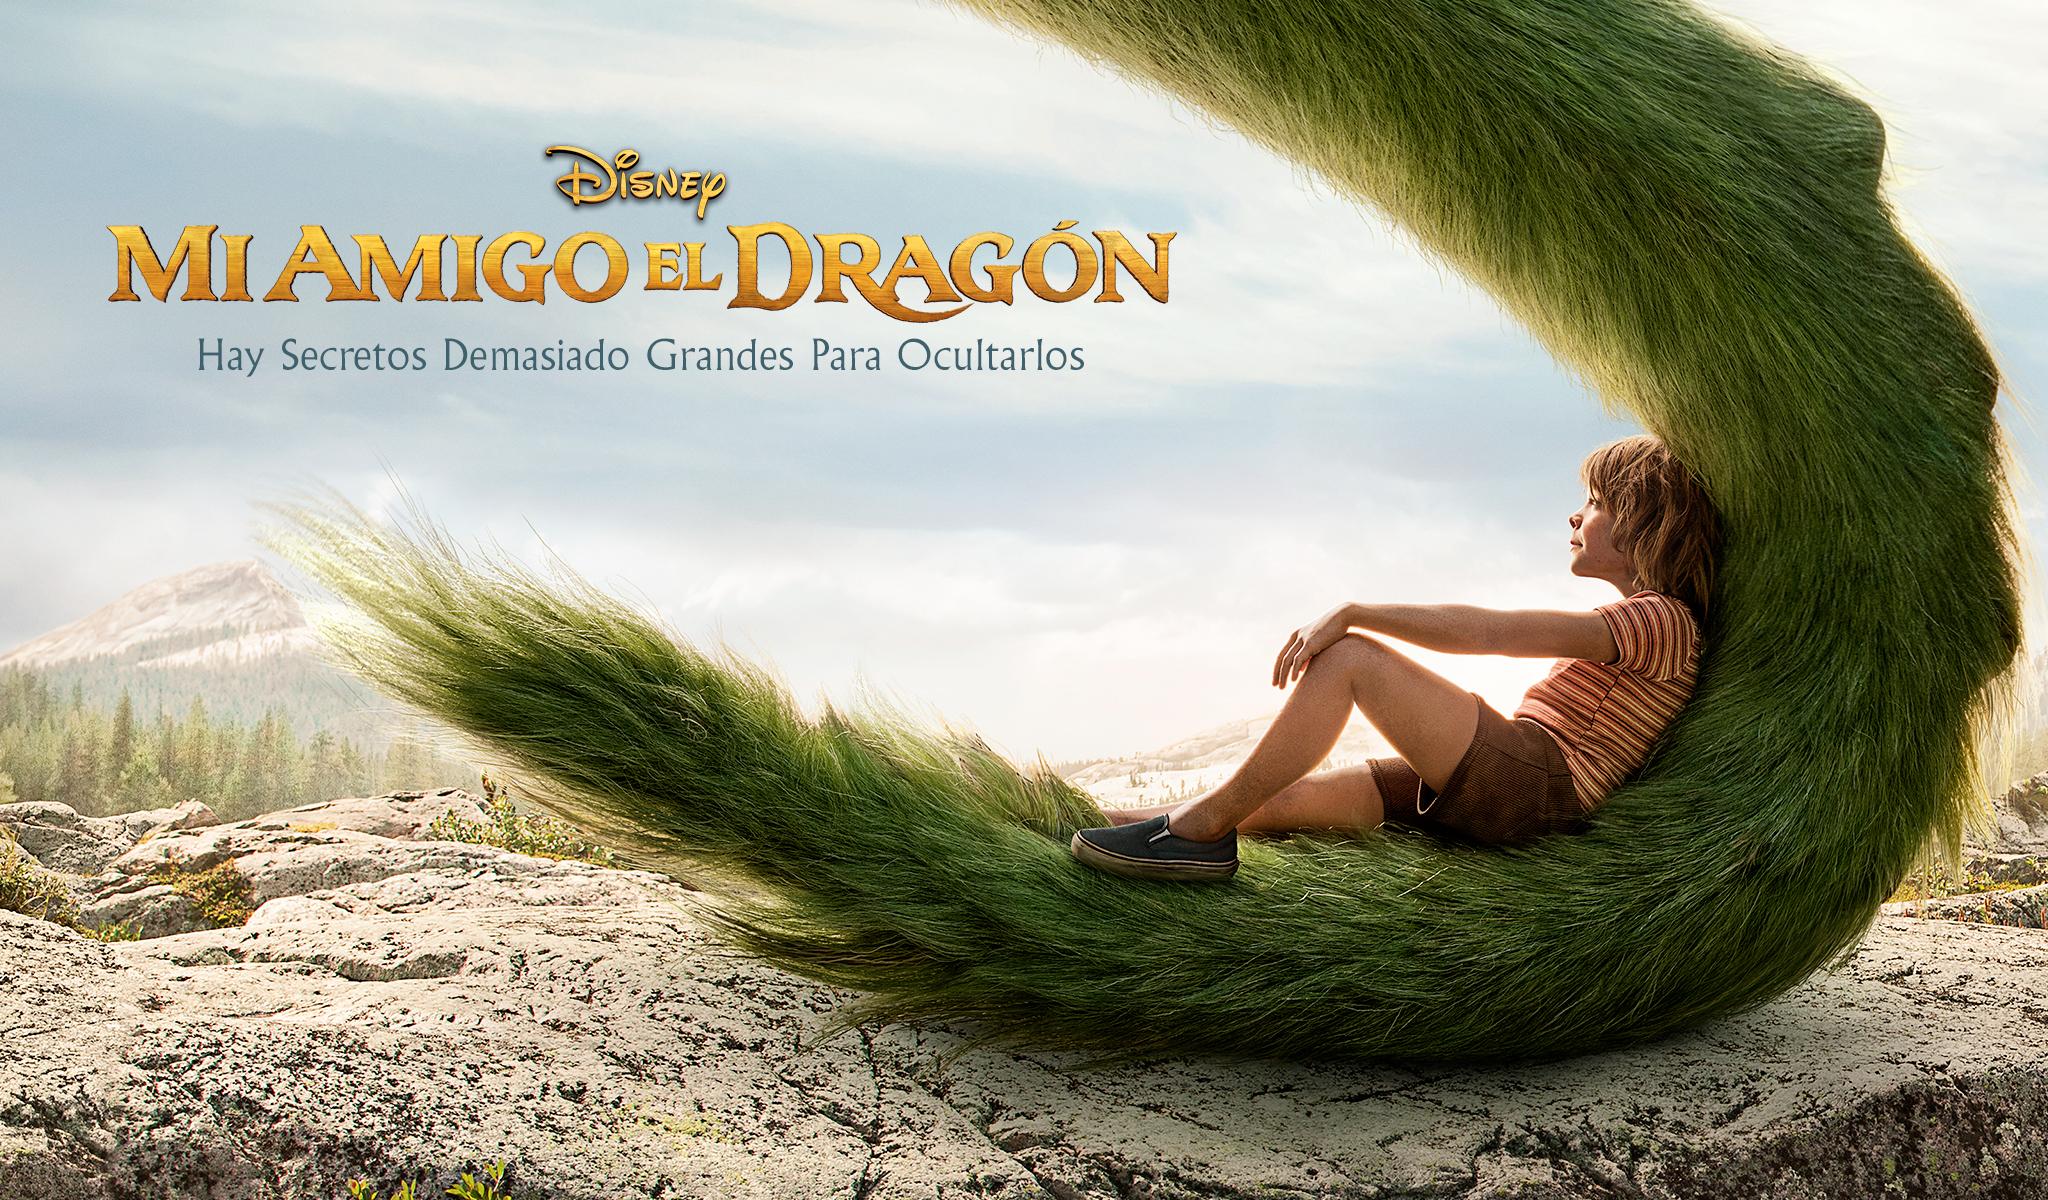 Mi amigo dragón